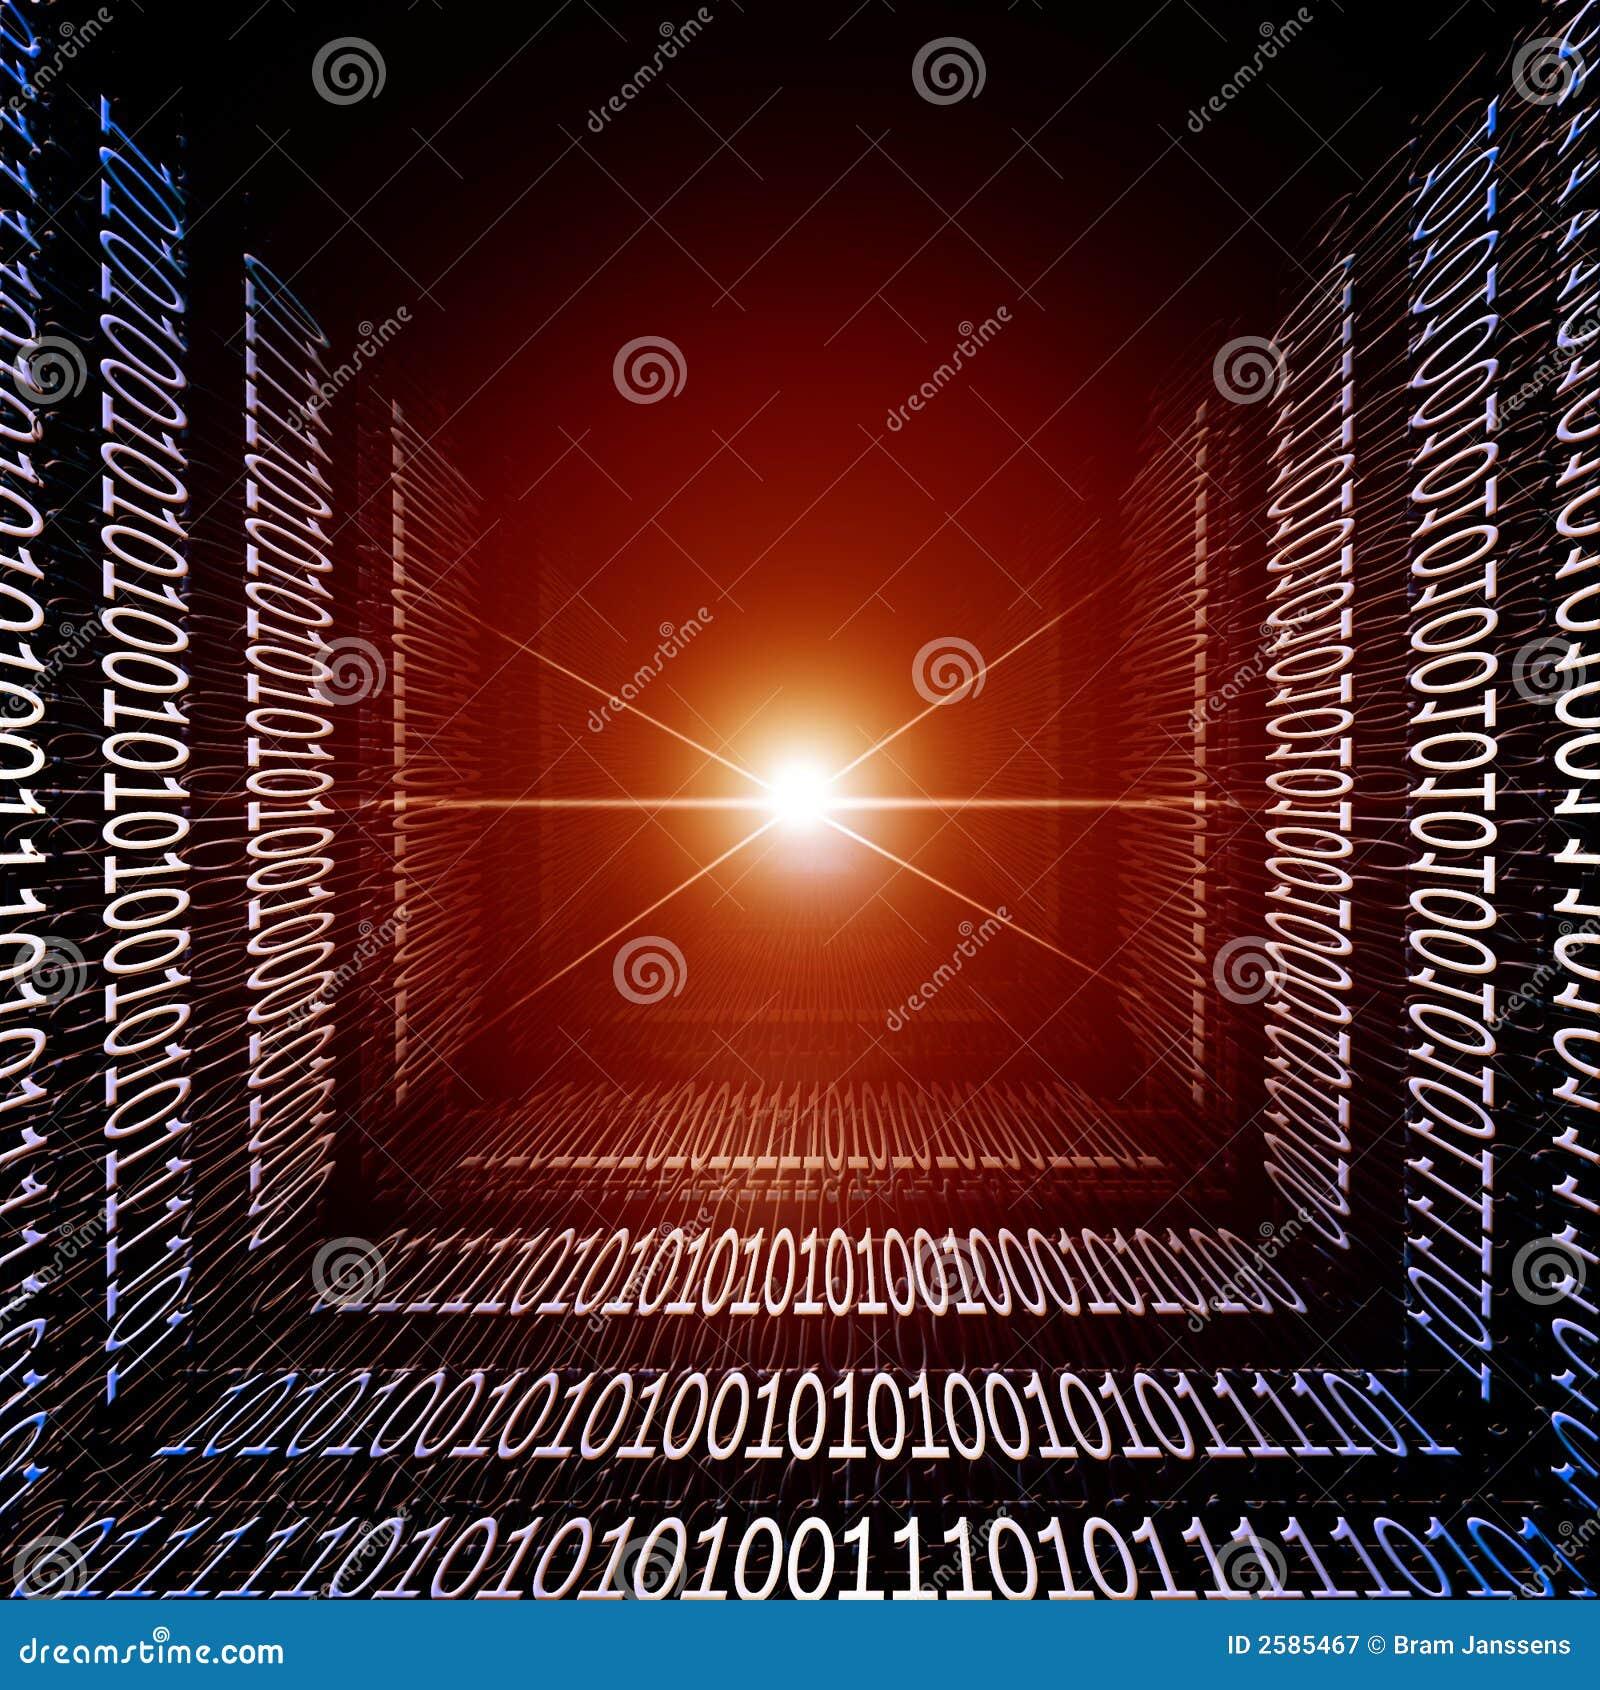 Burning red information lane